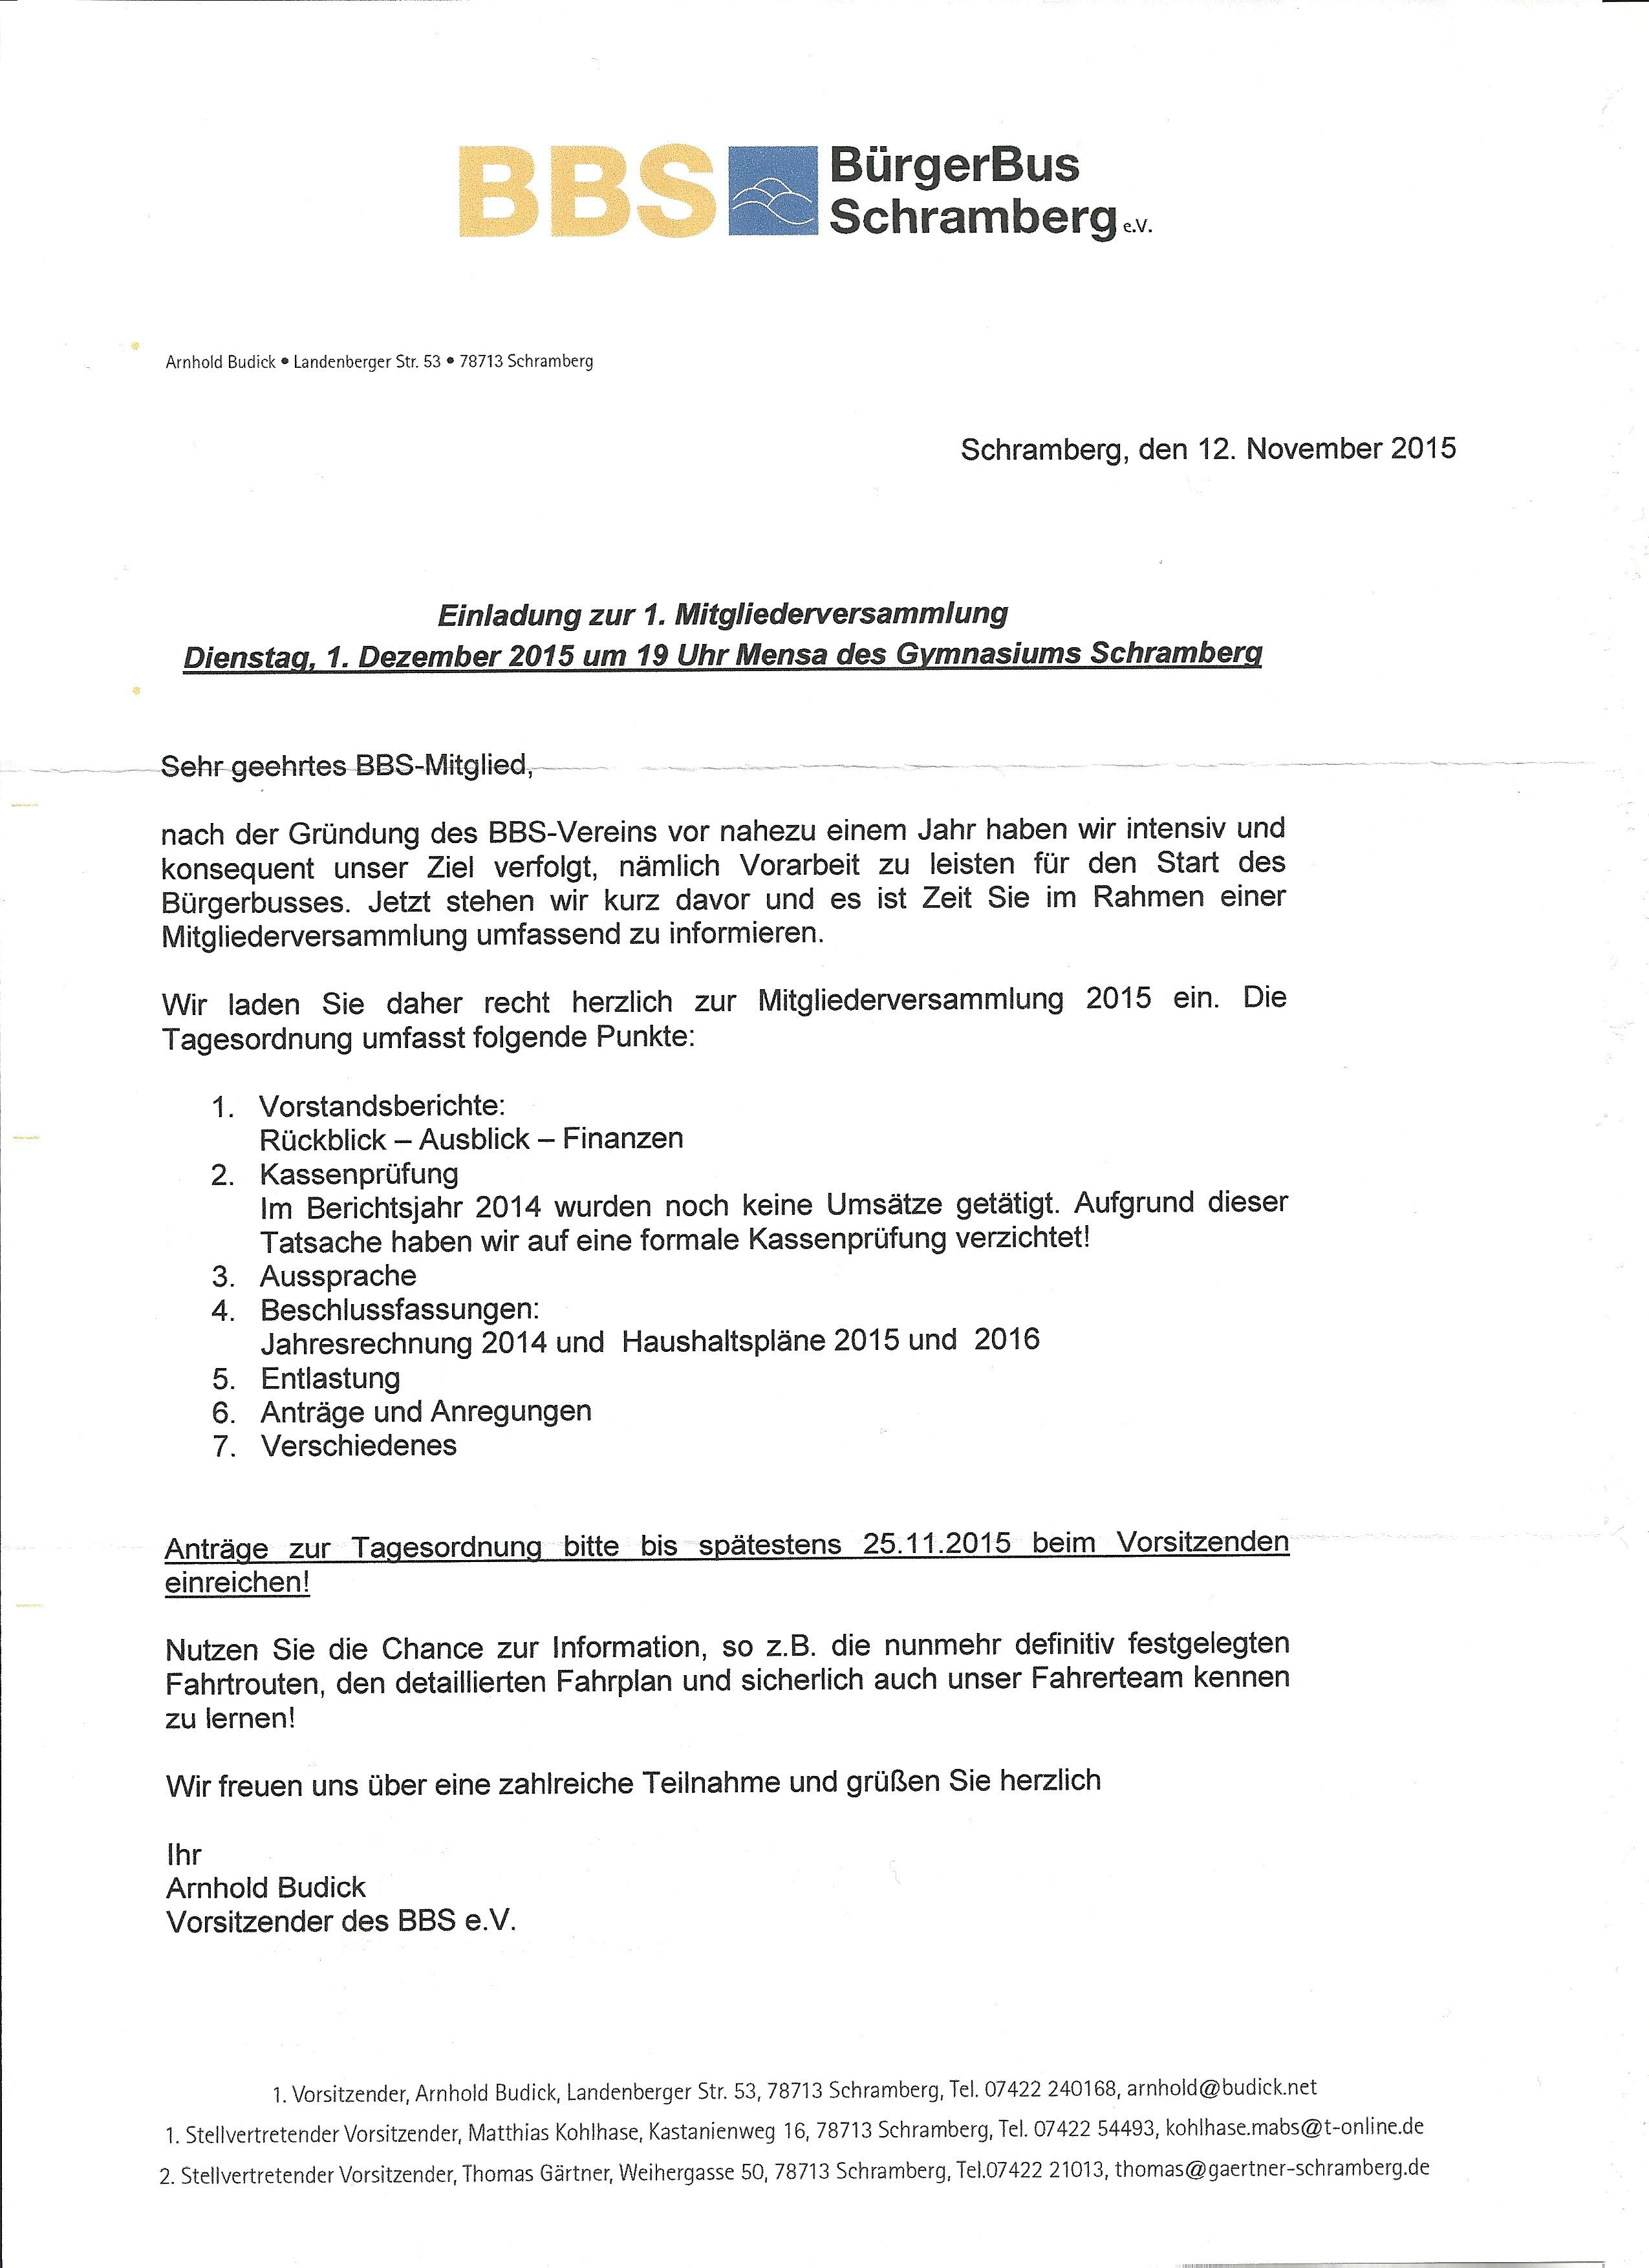 einladung zur 1. mitgliederversammlung – bürgerbus schramberg e.v., Einladung